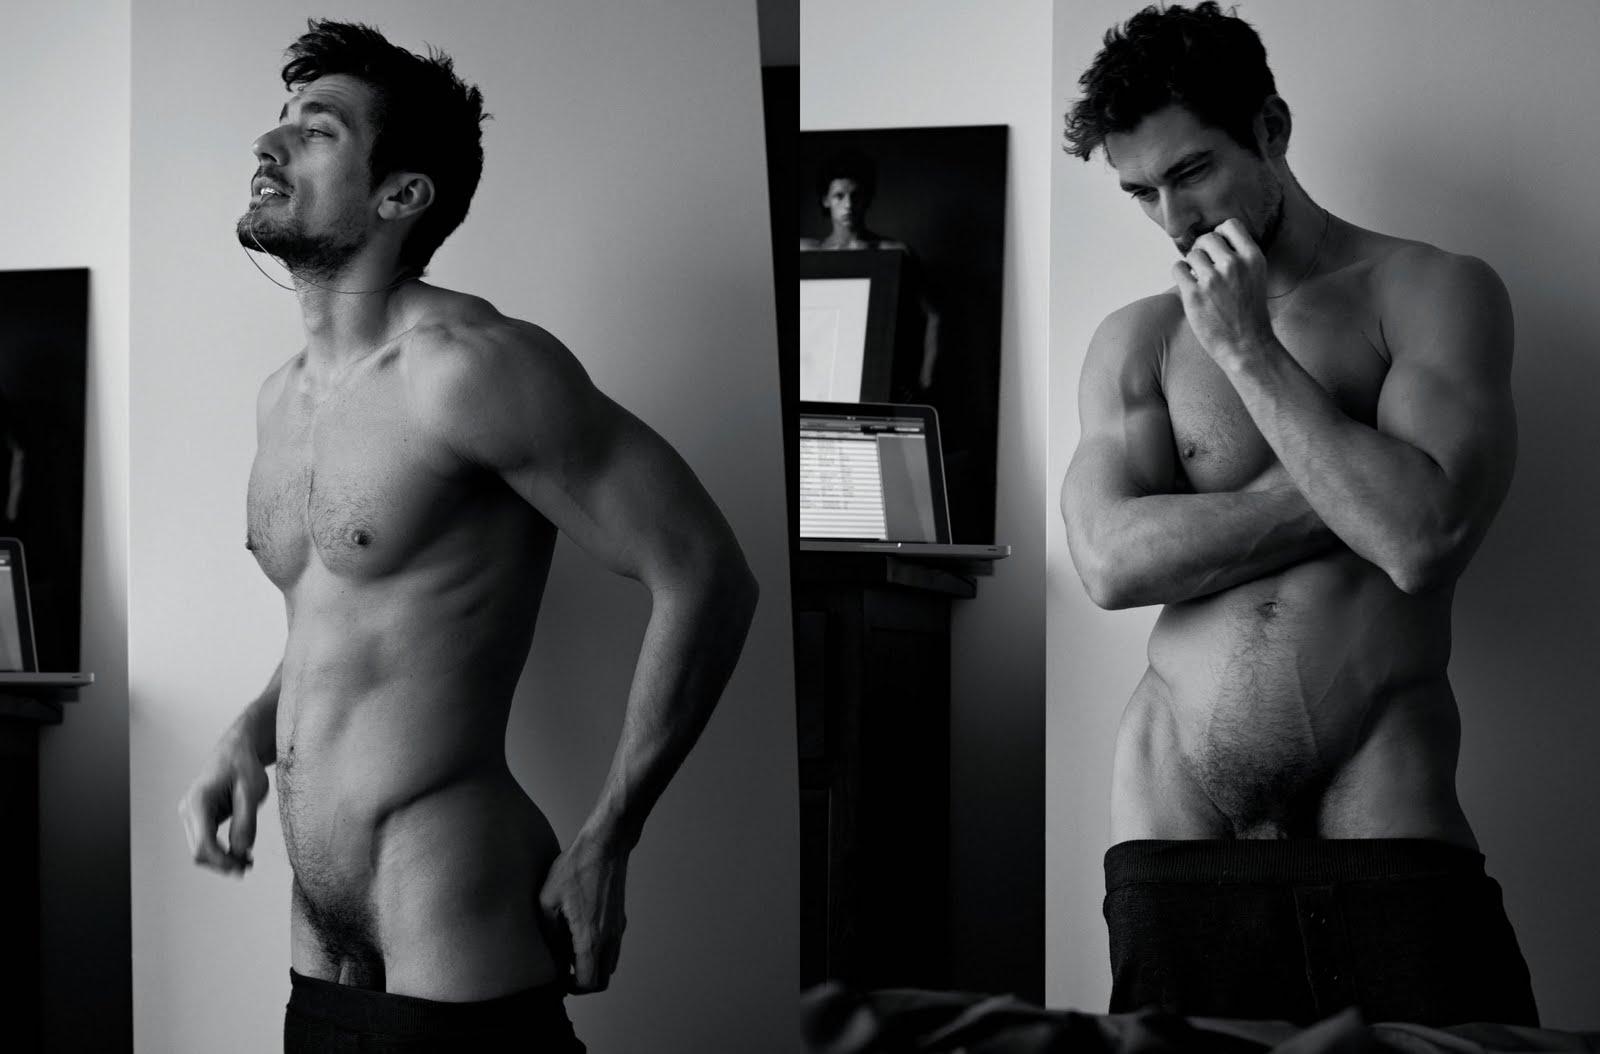 Фото раздеты мужчины, 25 фото голых мужчин. Эротическое фото сексуальных 6 фотография